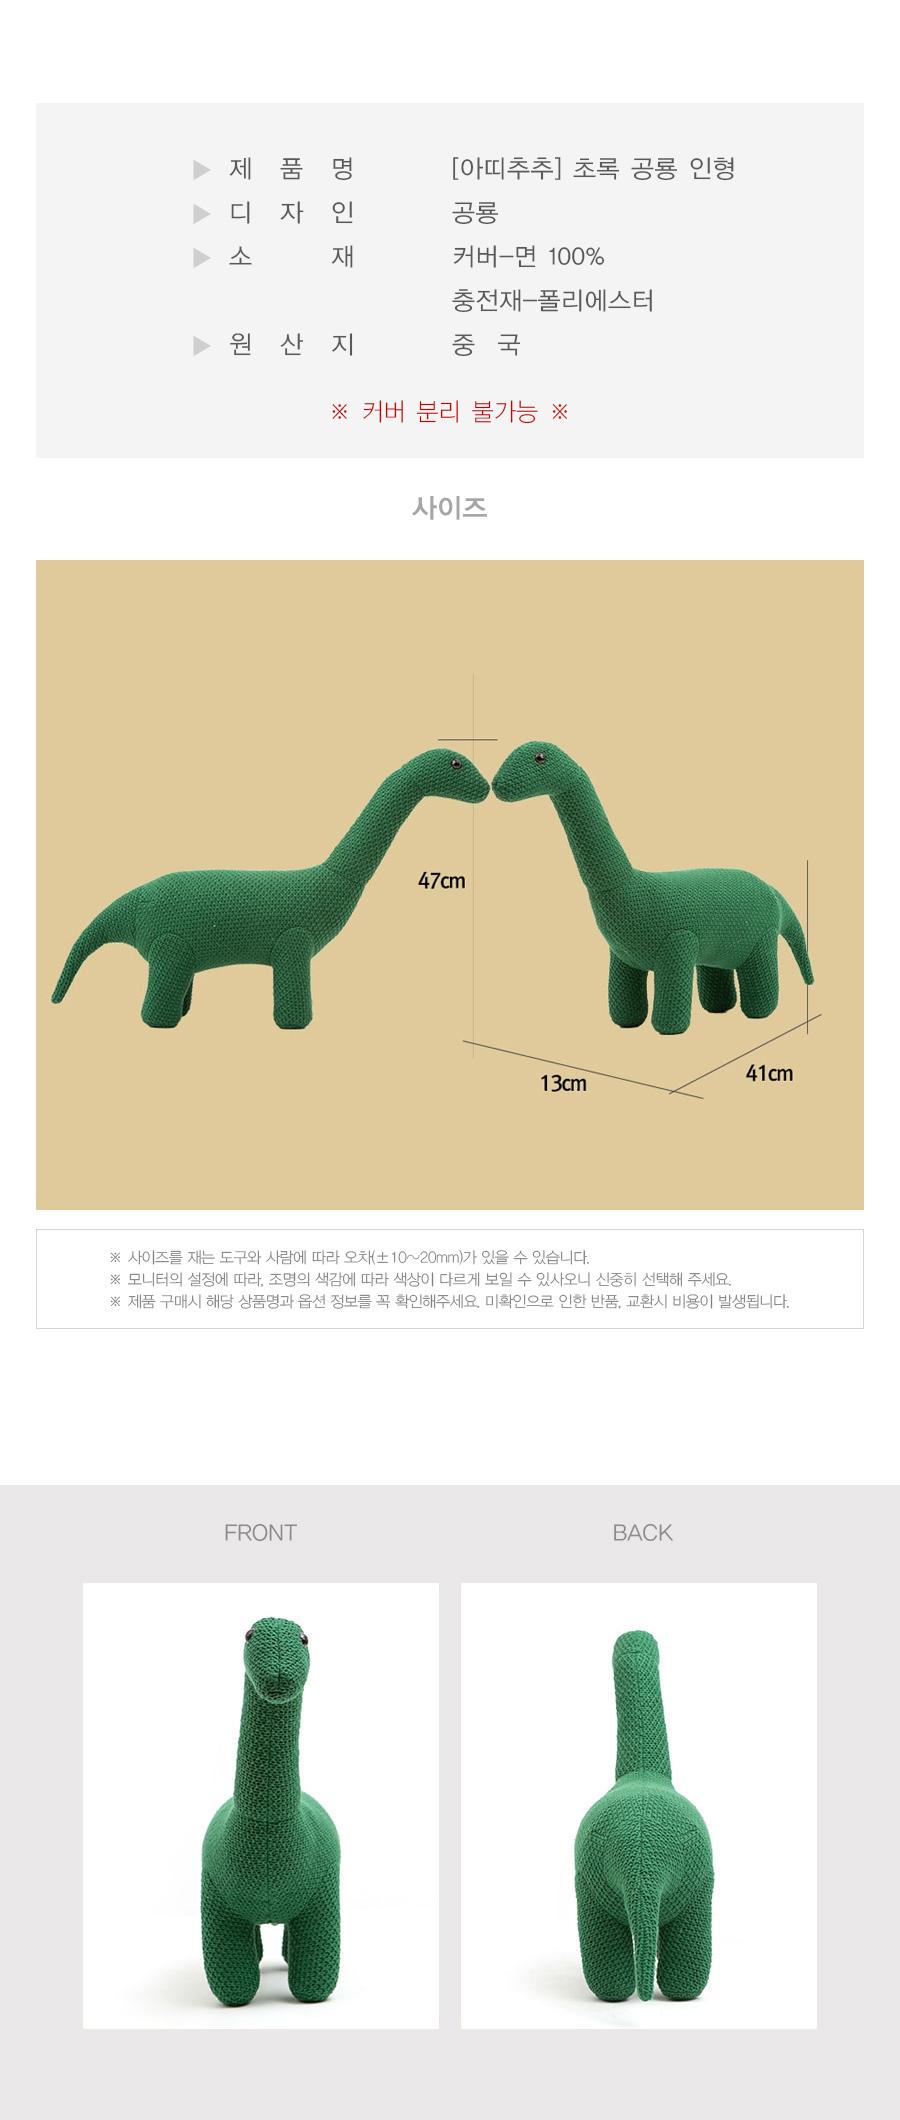 02-2_info_green_dinosaur.jpg